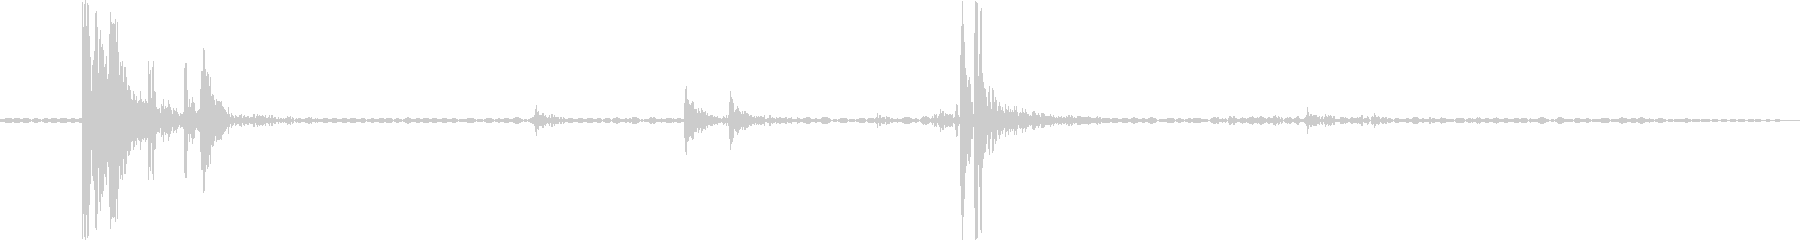 カパッ(瓶を閉める音の未再生の波形